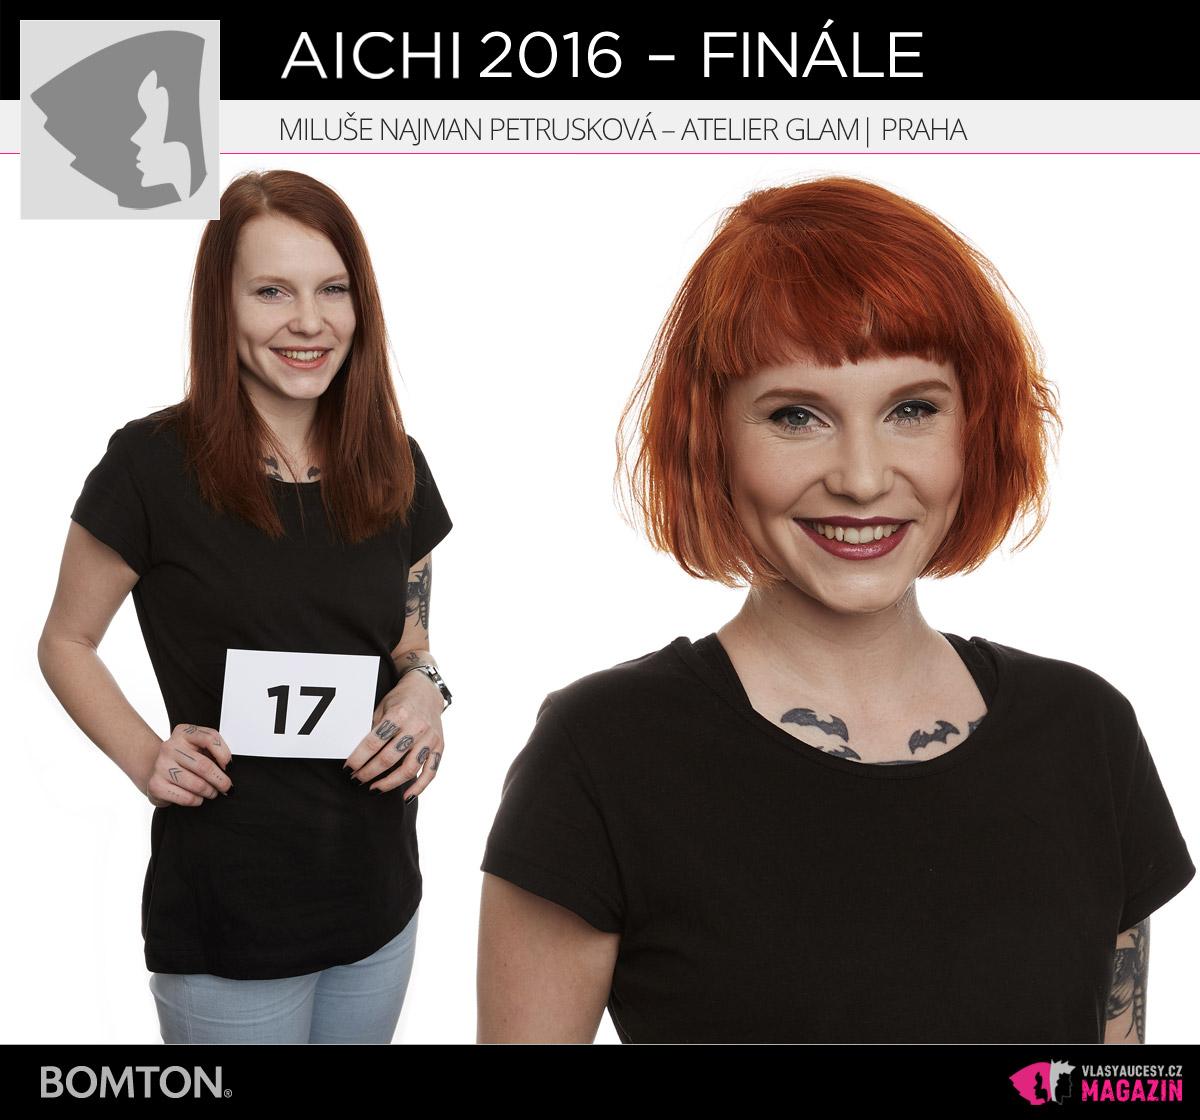 Semifinálová proměna AICHI 2016: Miluše Najman Petrušková, Atelier Glam, Praha